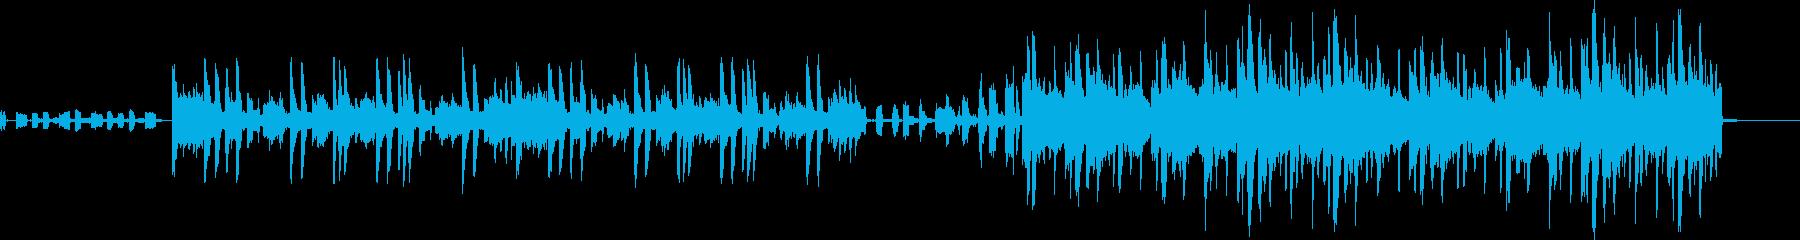 バトル始まる寸前〜戦闘系/EDMの再生済みの波形